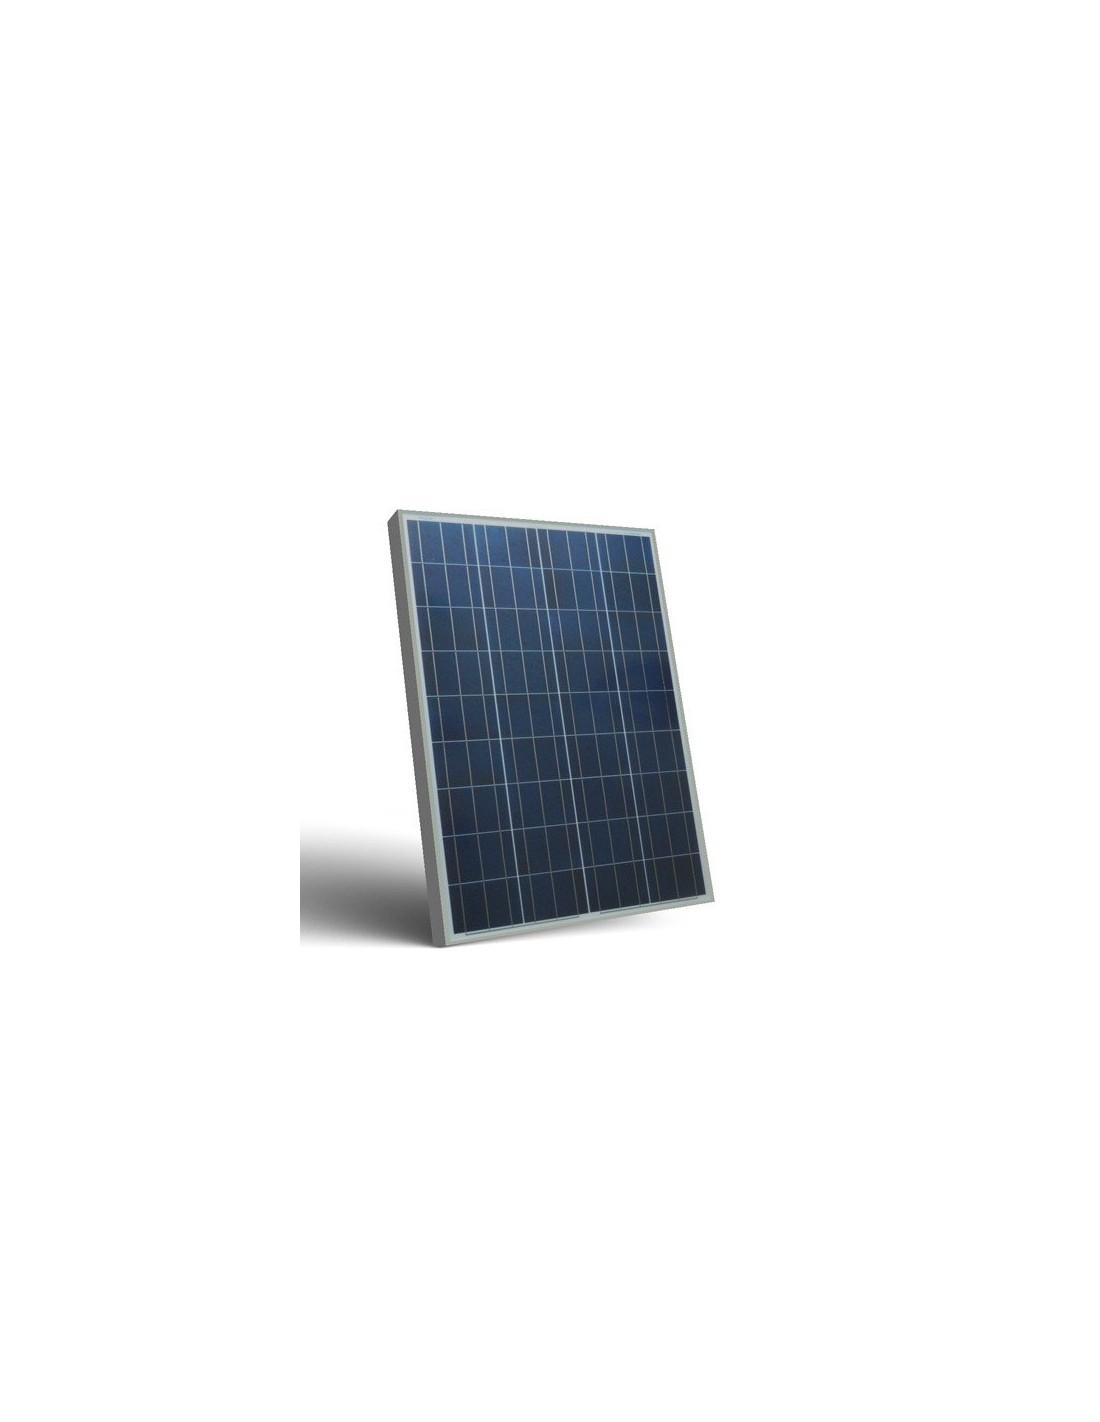 Kit solare illuminazione 80w 12v per esterni 1xfaro led for Illuminazione per esterni led